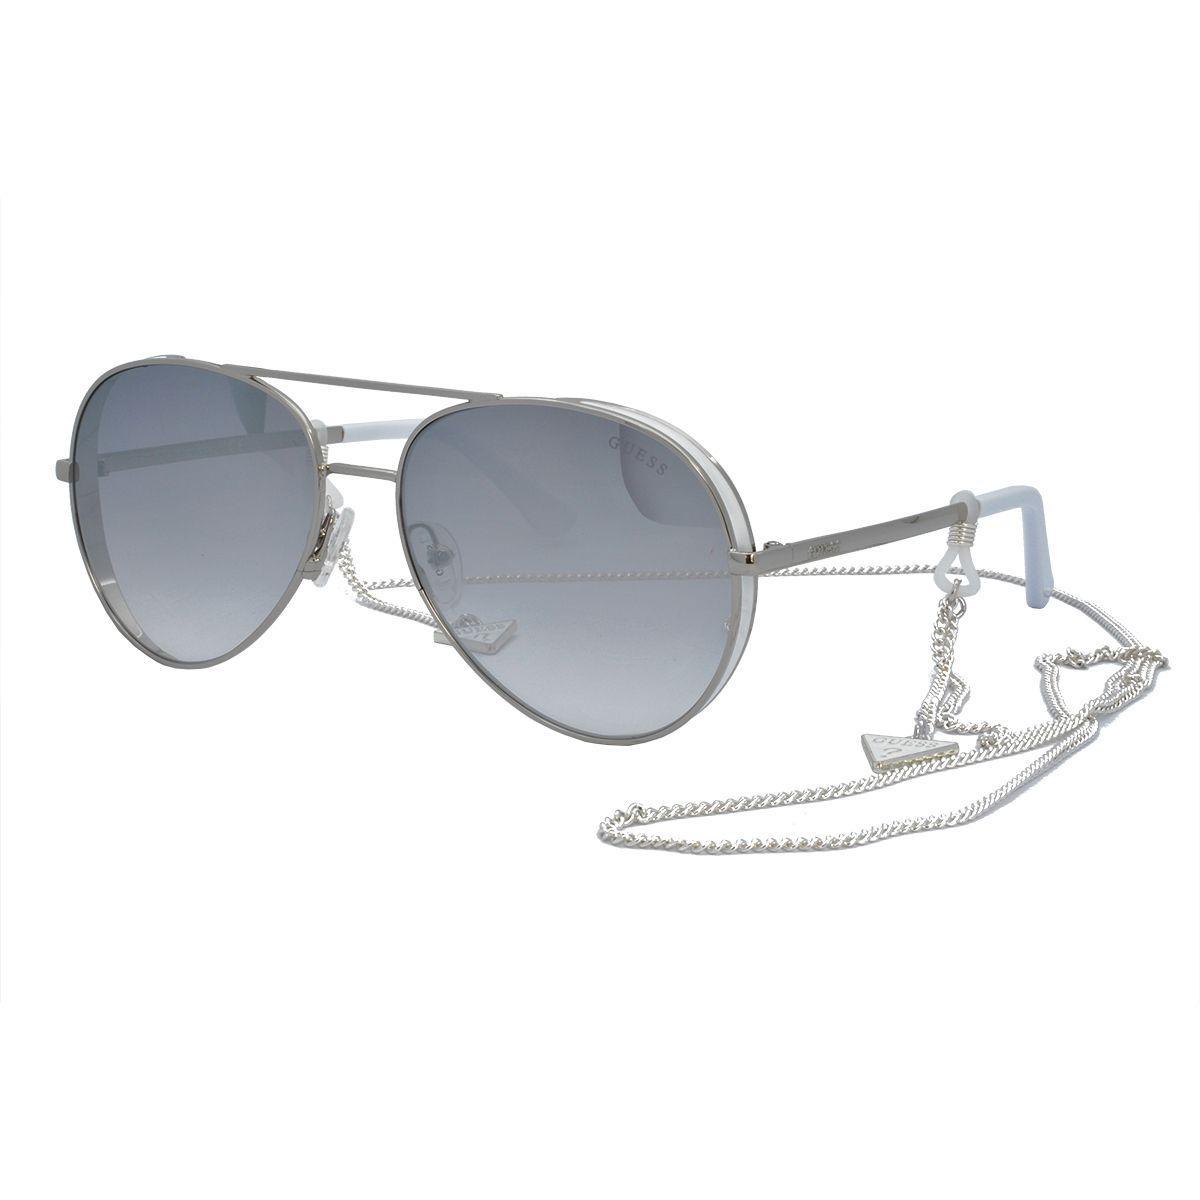 56f52223d Óculos de Sol Guess Feminino com Corrente GU7607 20C - Metal Prata e Branco  e Lente Prata Espelhado Produto não disponível